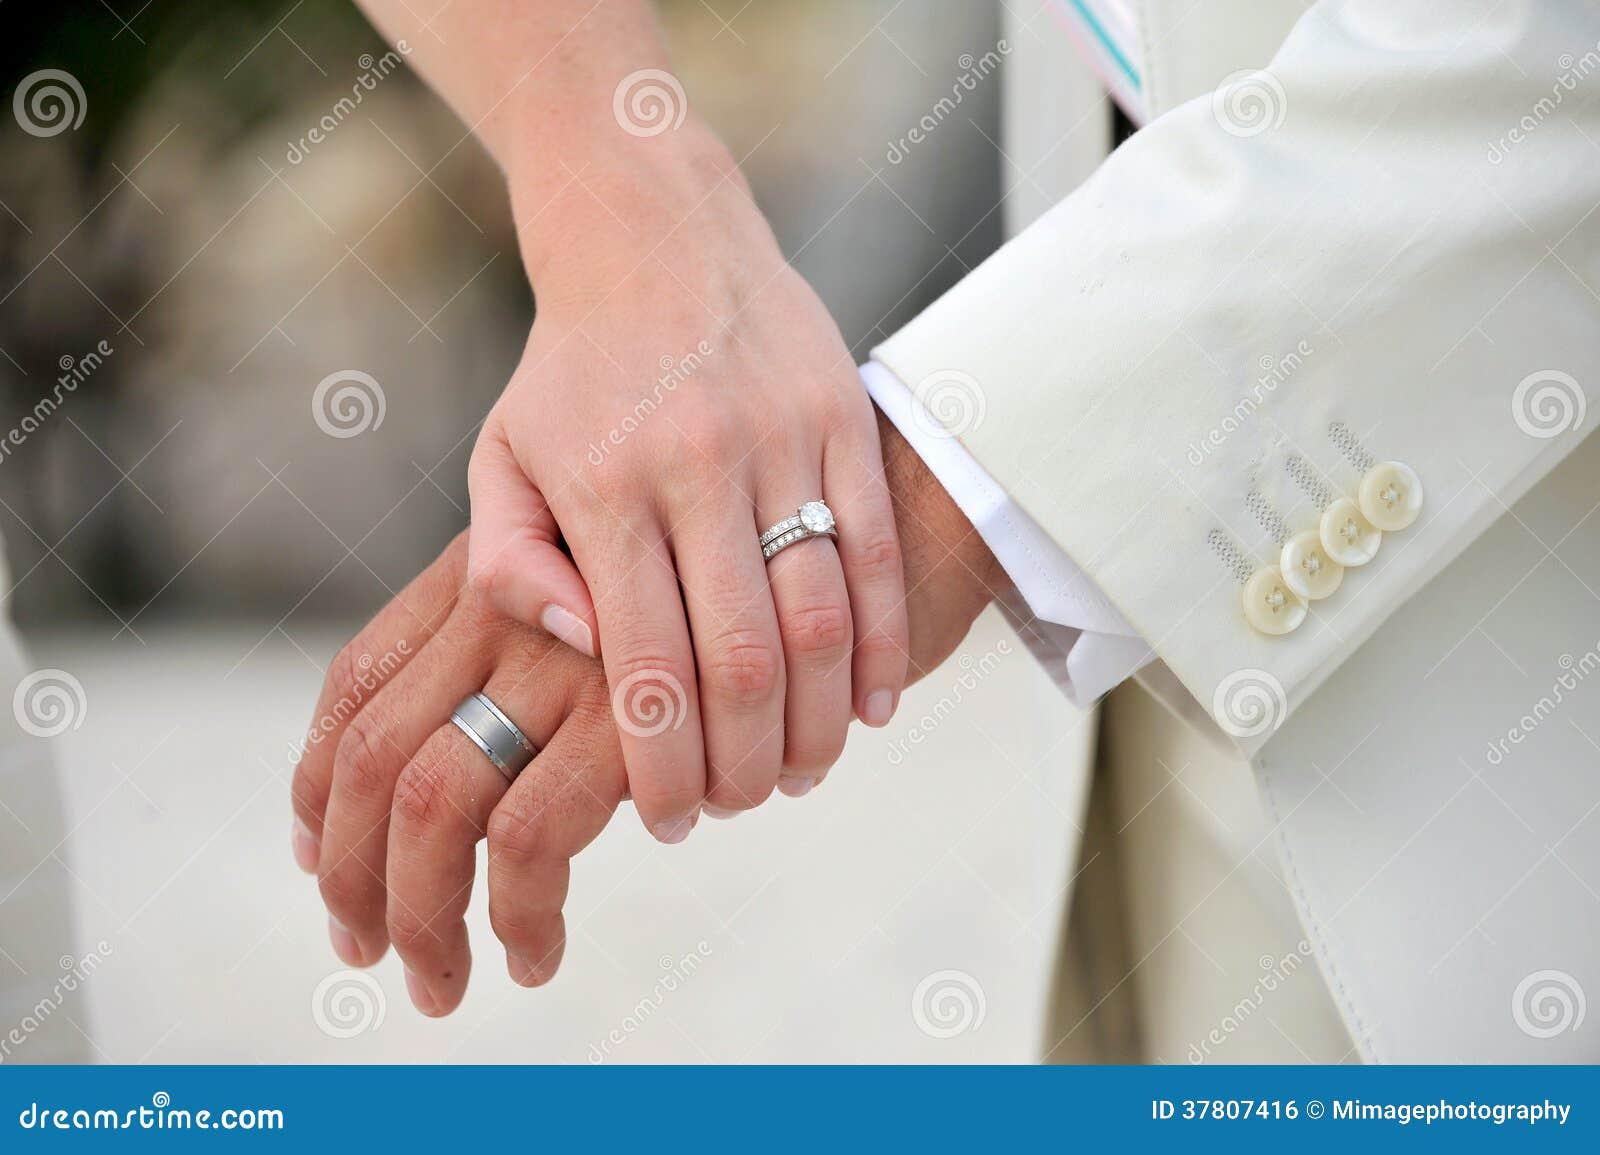 Обручальные кольца на руках жениха и невесты своими руками